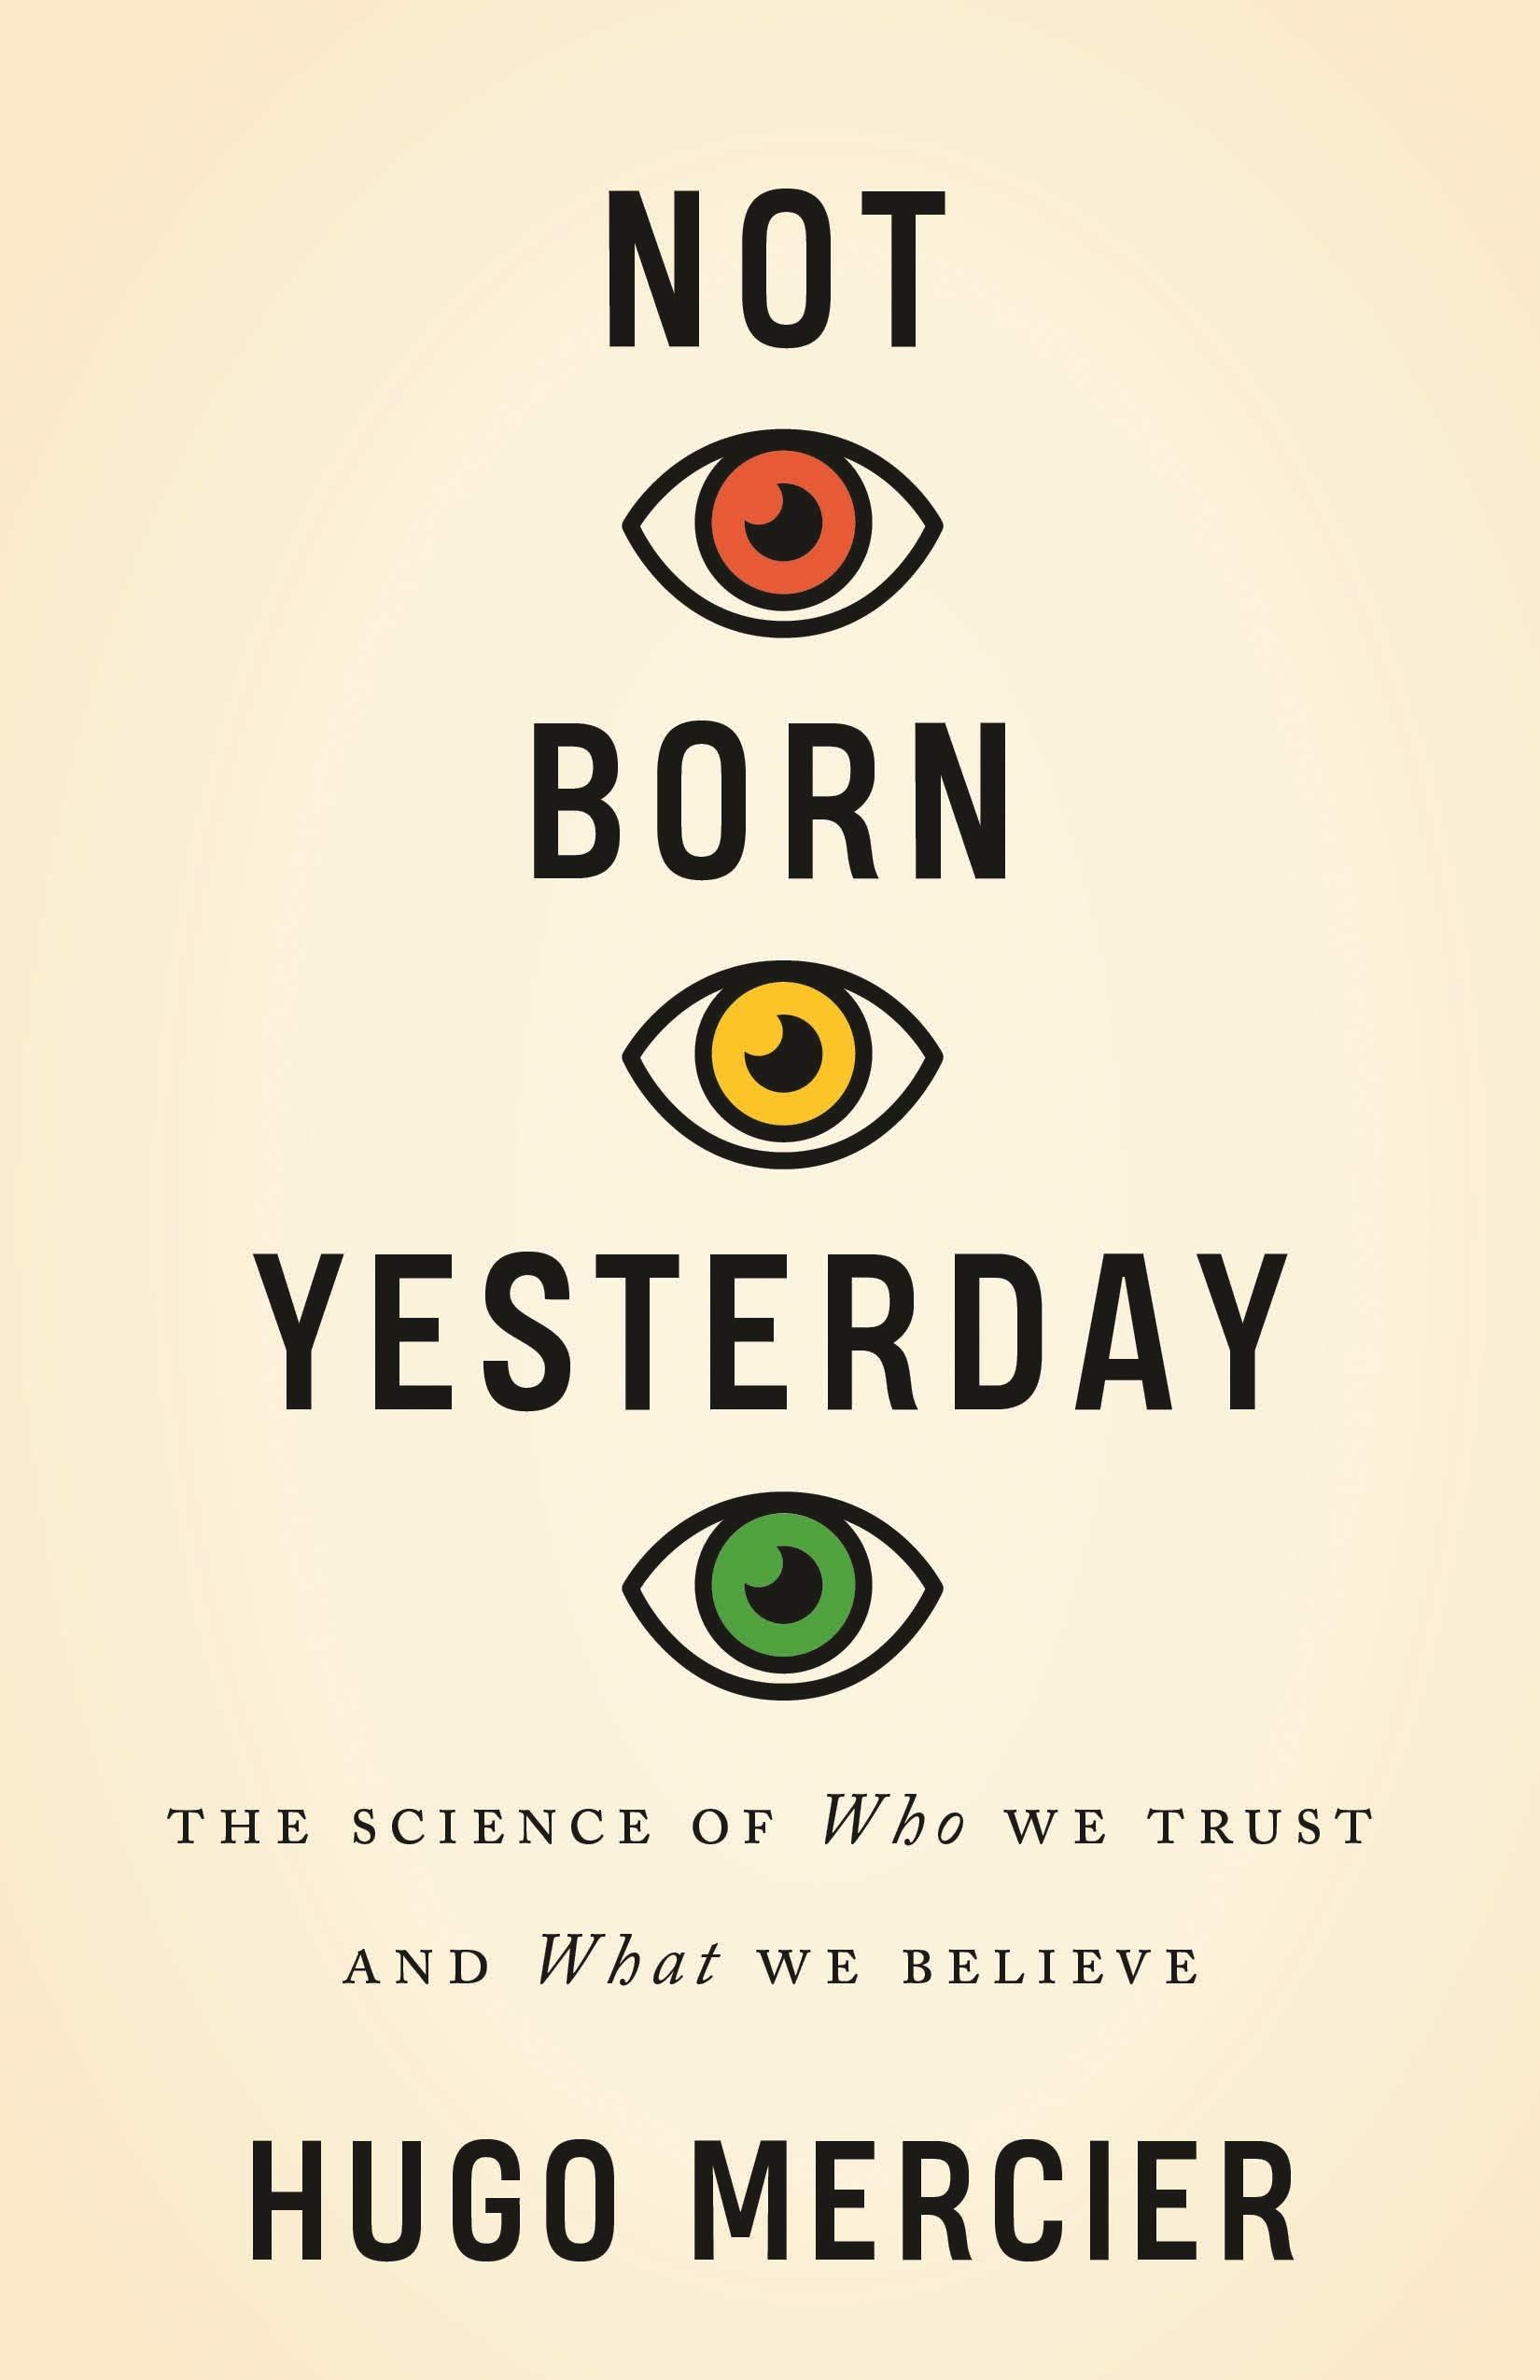 Cuốn sách lý giải cơ chế con người quyết định nên tin ai và tin cái gì (Tác giả Hugo Mercier là nhà nghiên cứu tại Institut Jean Nicod, thành viên Trung tâm Nghiên cứu Khoa học Quốc gia Pháp (CNRS), tác giả cuốn Not Born Yesterday: The Science of Who We Trust and What We Believe). Ảnh: Amazon.